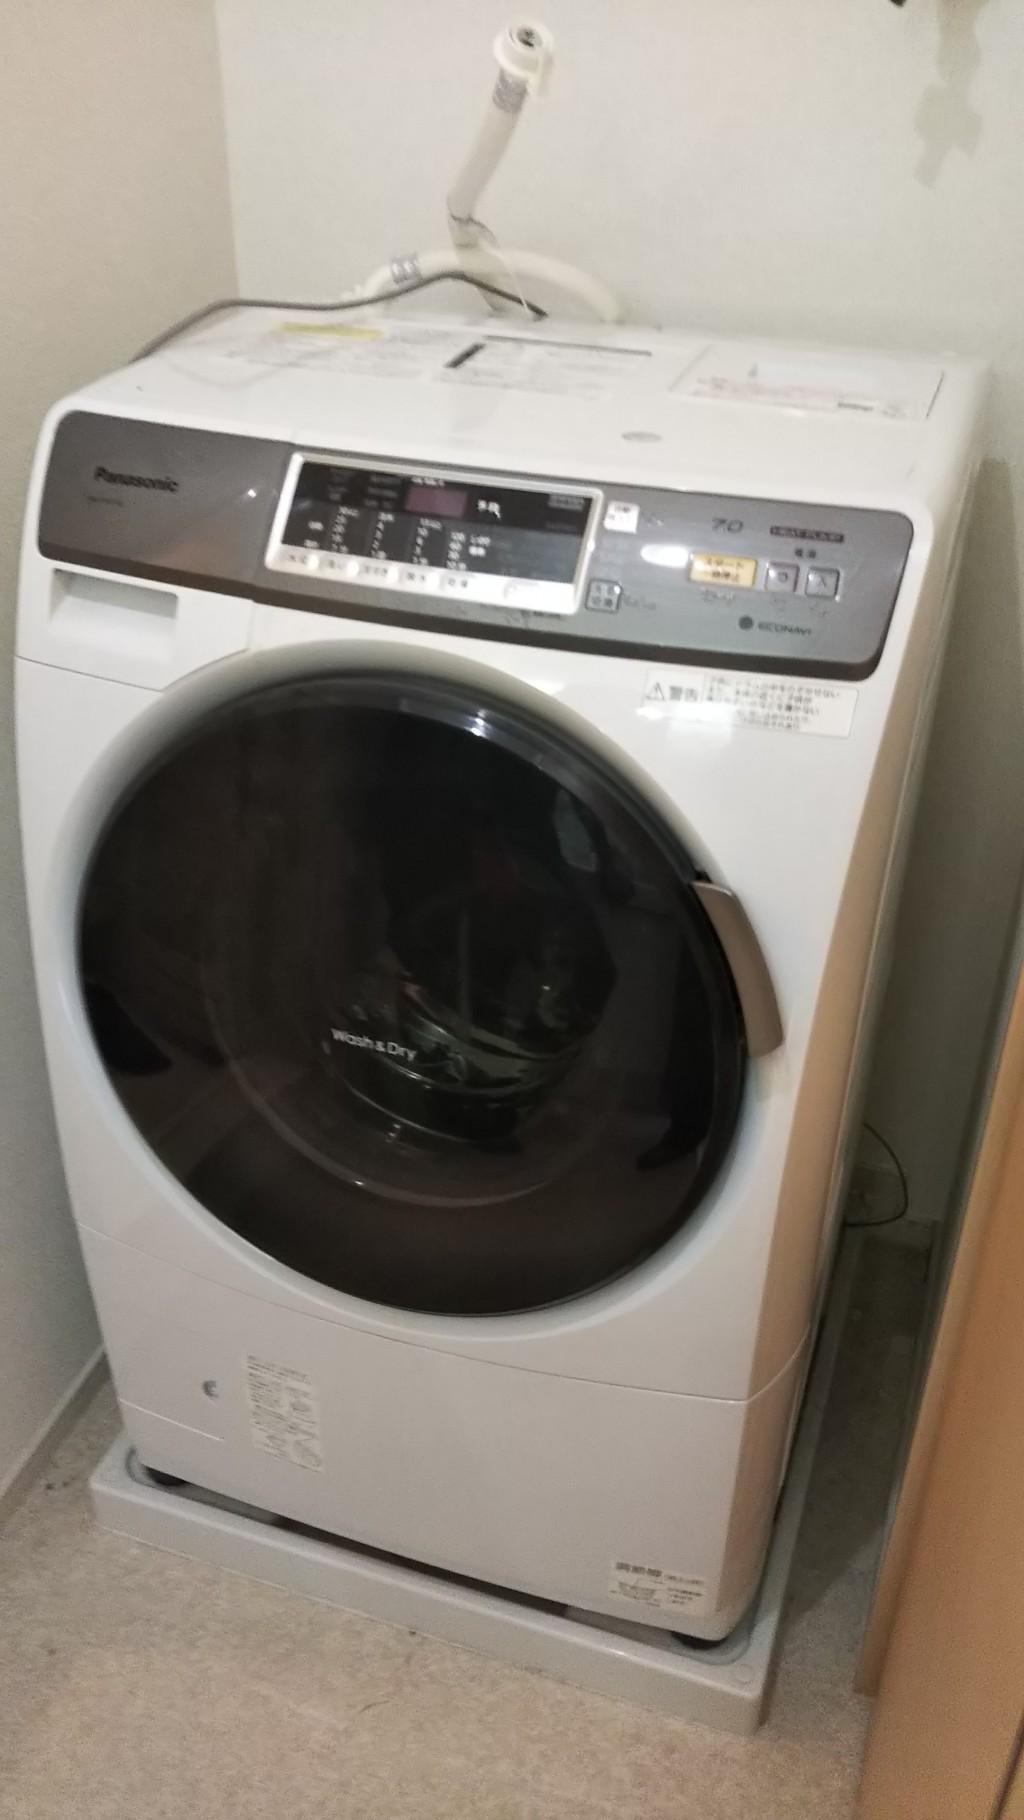 【出雲市斐川町】ドラム式洗濯機など不用品回収ご依頼 お客様の声